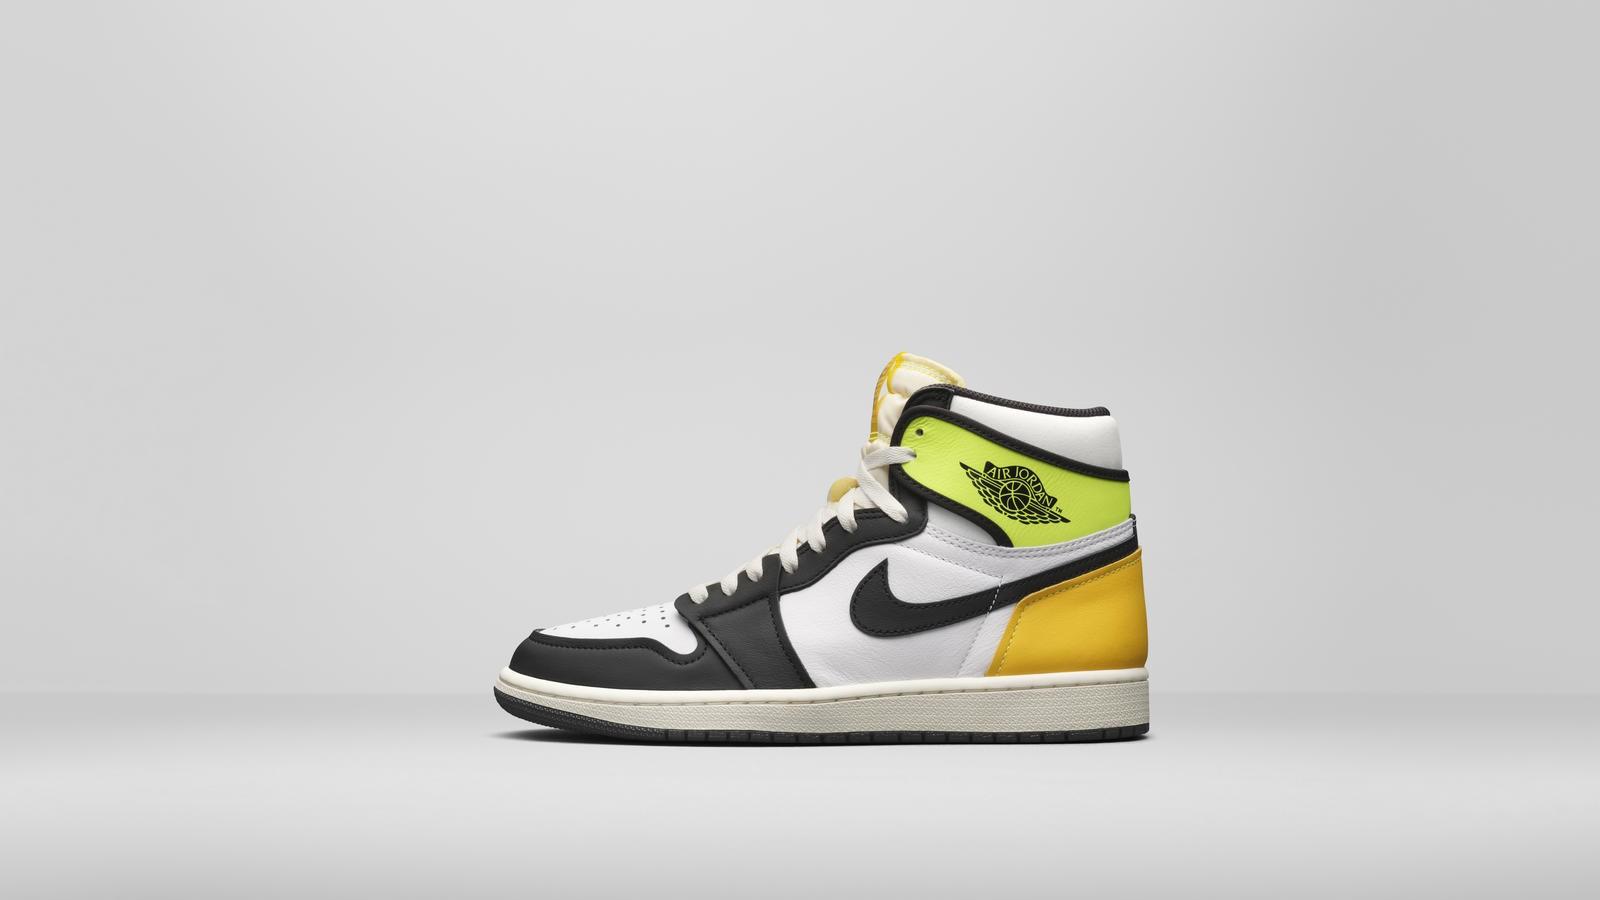 Air Jordan 1 Volt